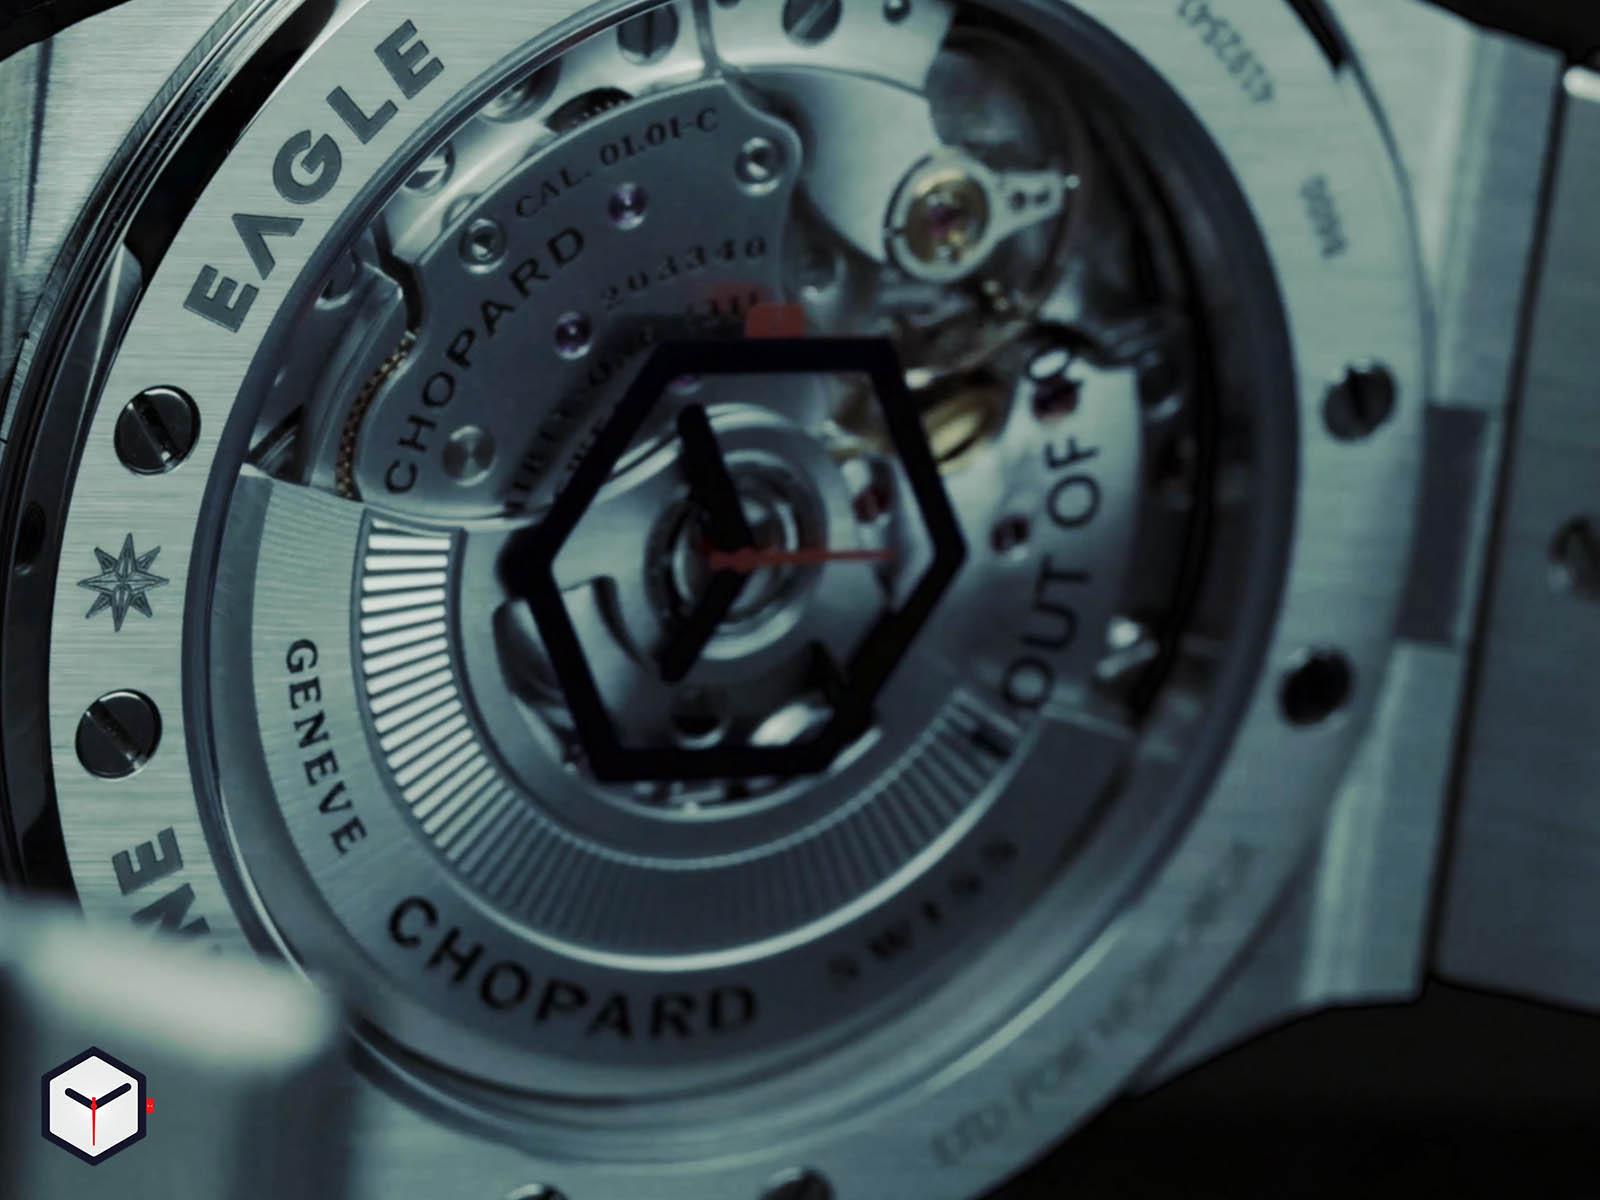 chopard-alpine-eagle-horobox-limited-edition-11.jpg